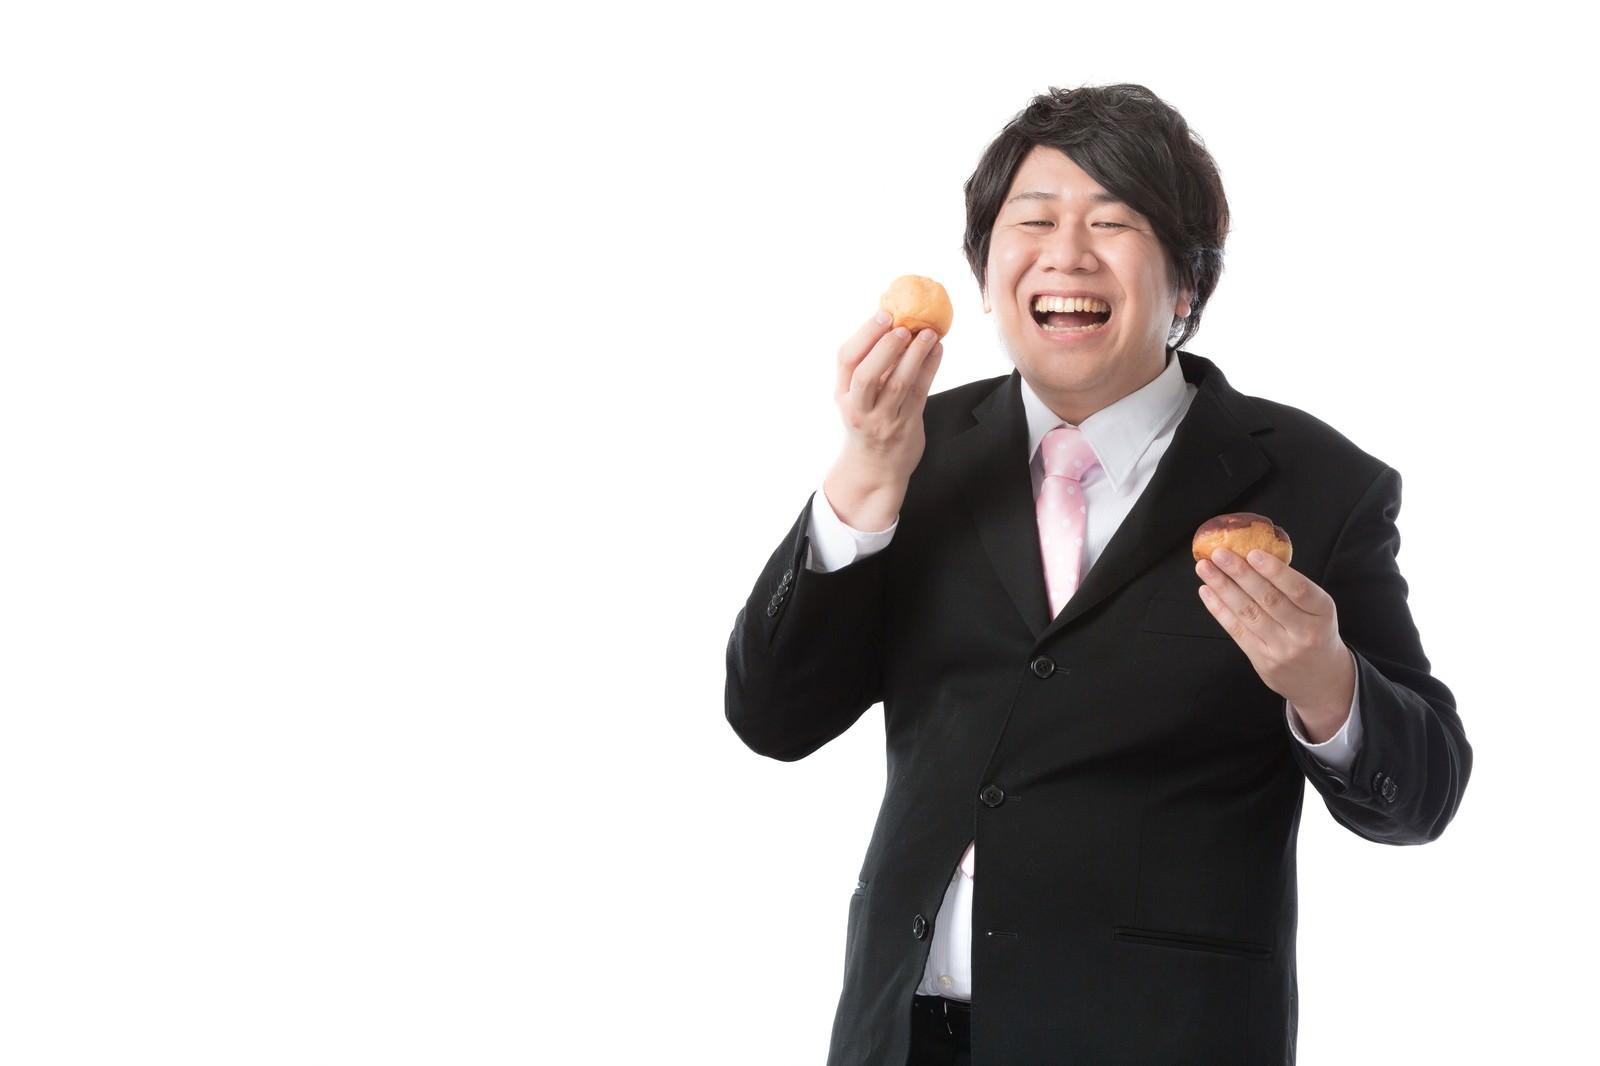 「趣味を仕事にした菓子メーカー商品企画」の写真[モデル:あまのじゃく]